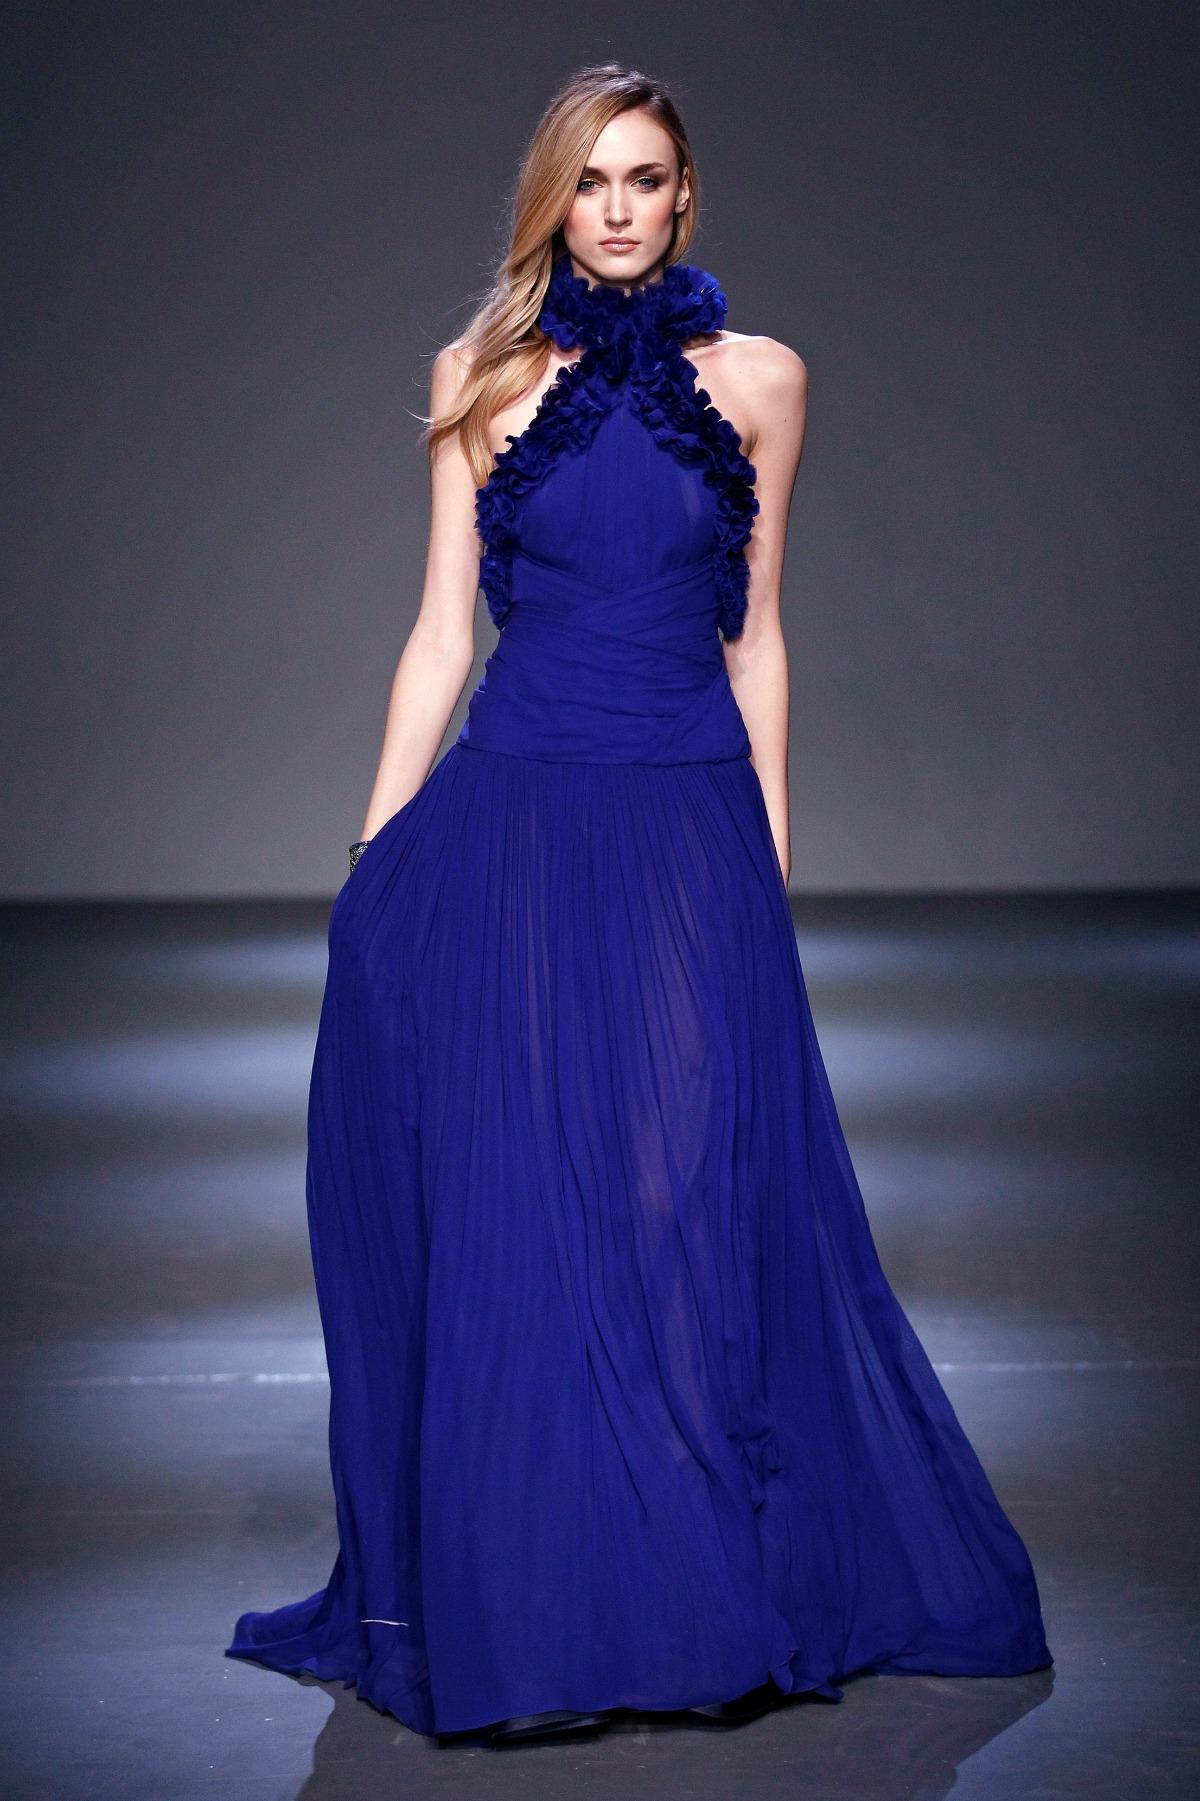 Pamella Roland Fall 2018 Runway I Blue Organza Gown #NYFW #WinterFashion